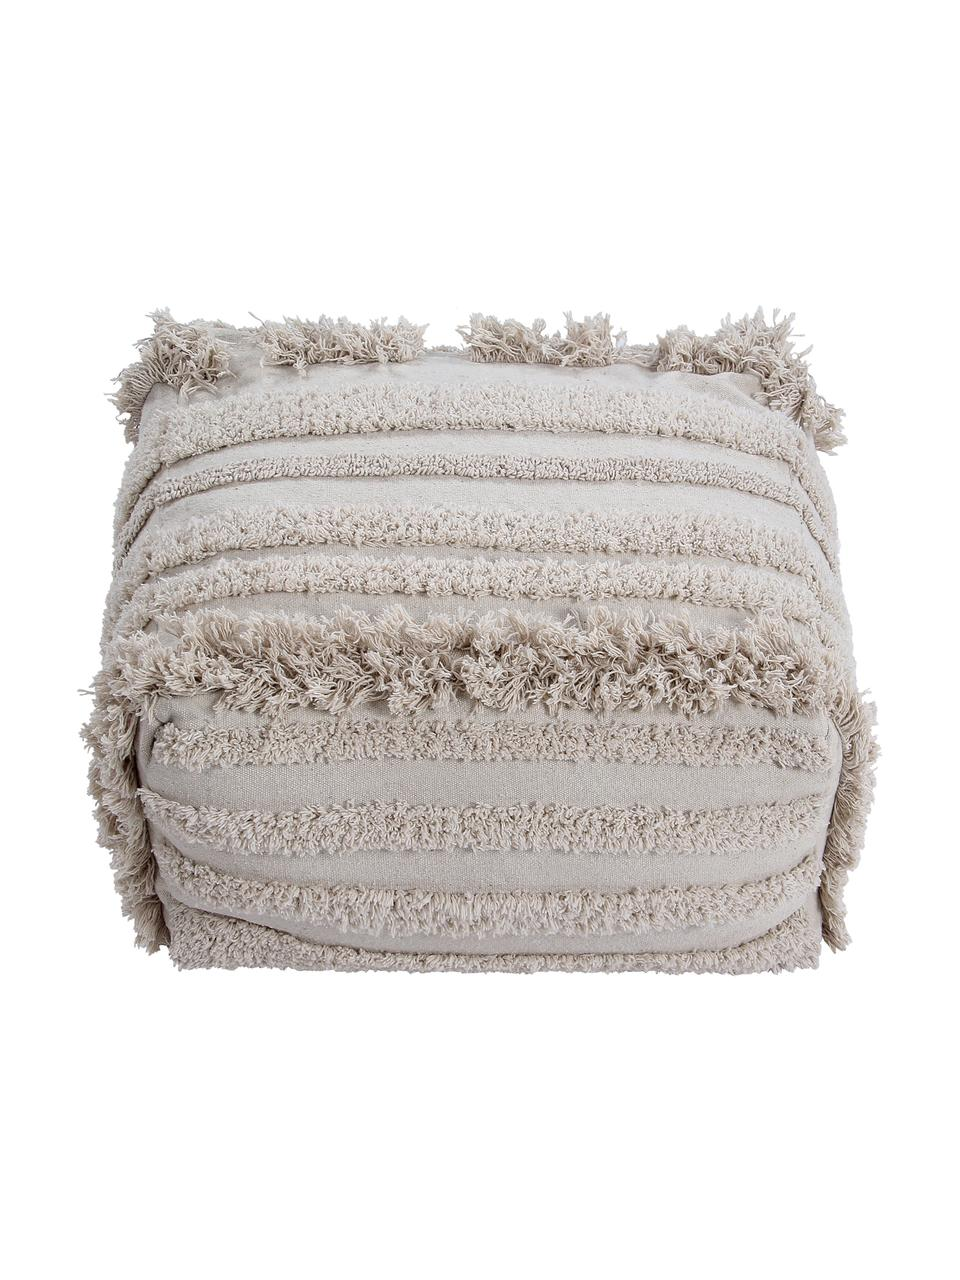 Cuscino da pavimento boho Air, Rivestimento: 70% cotone, 30% cotone ri, Beige, Larg. 55 x Alt. 27 cm